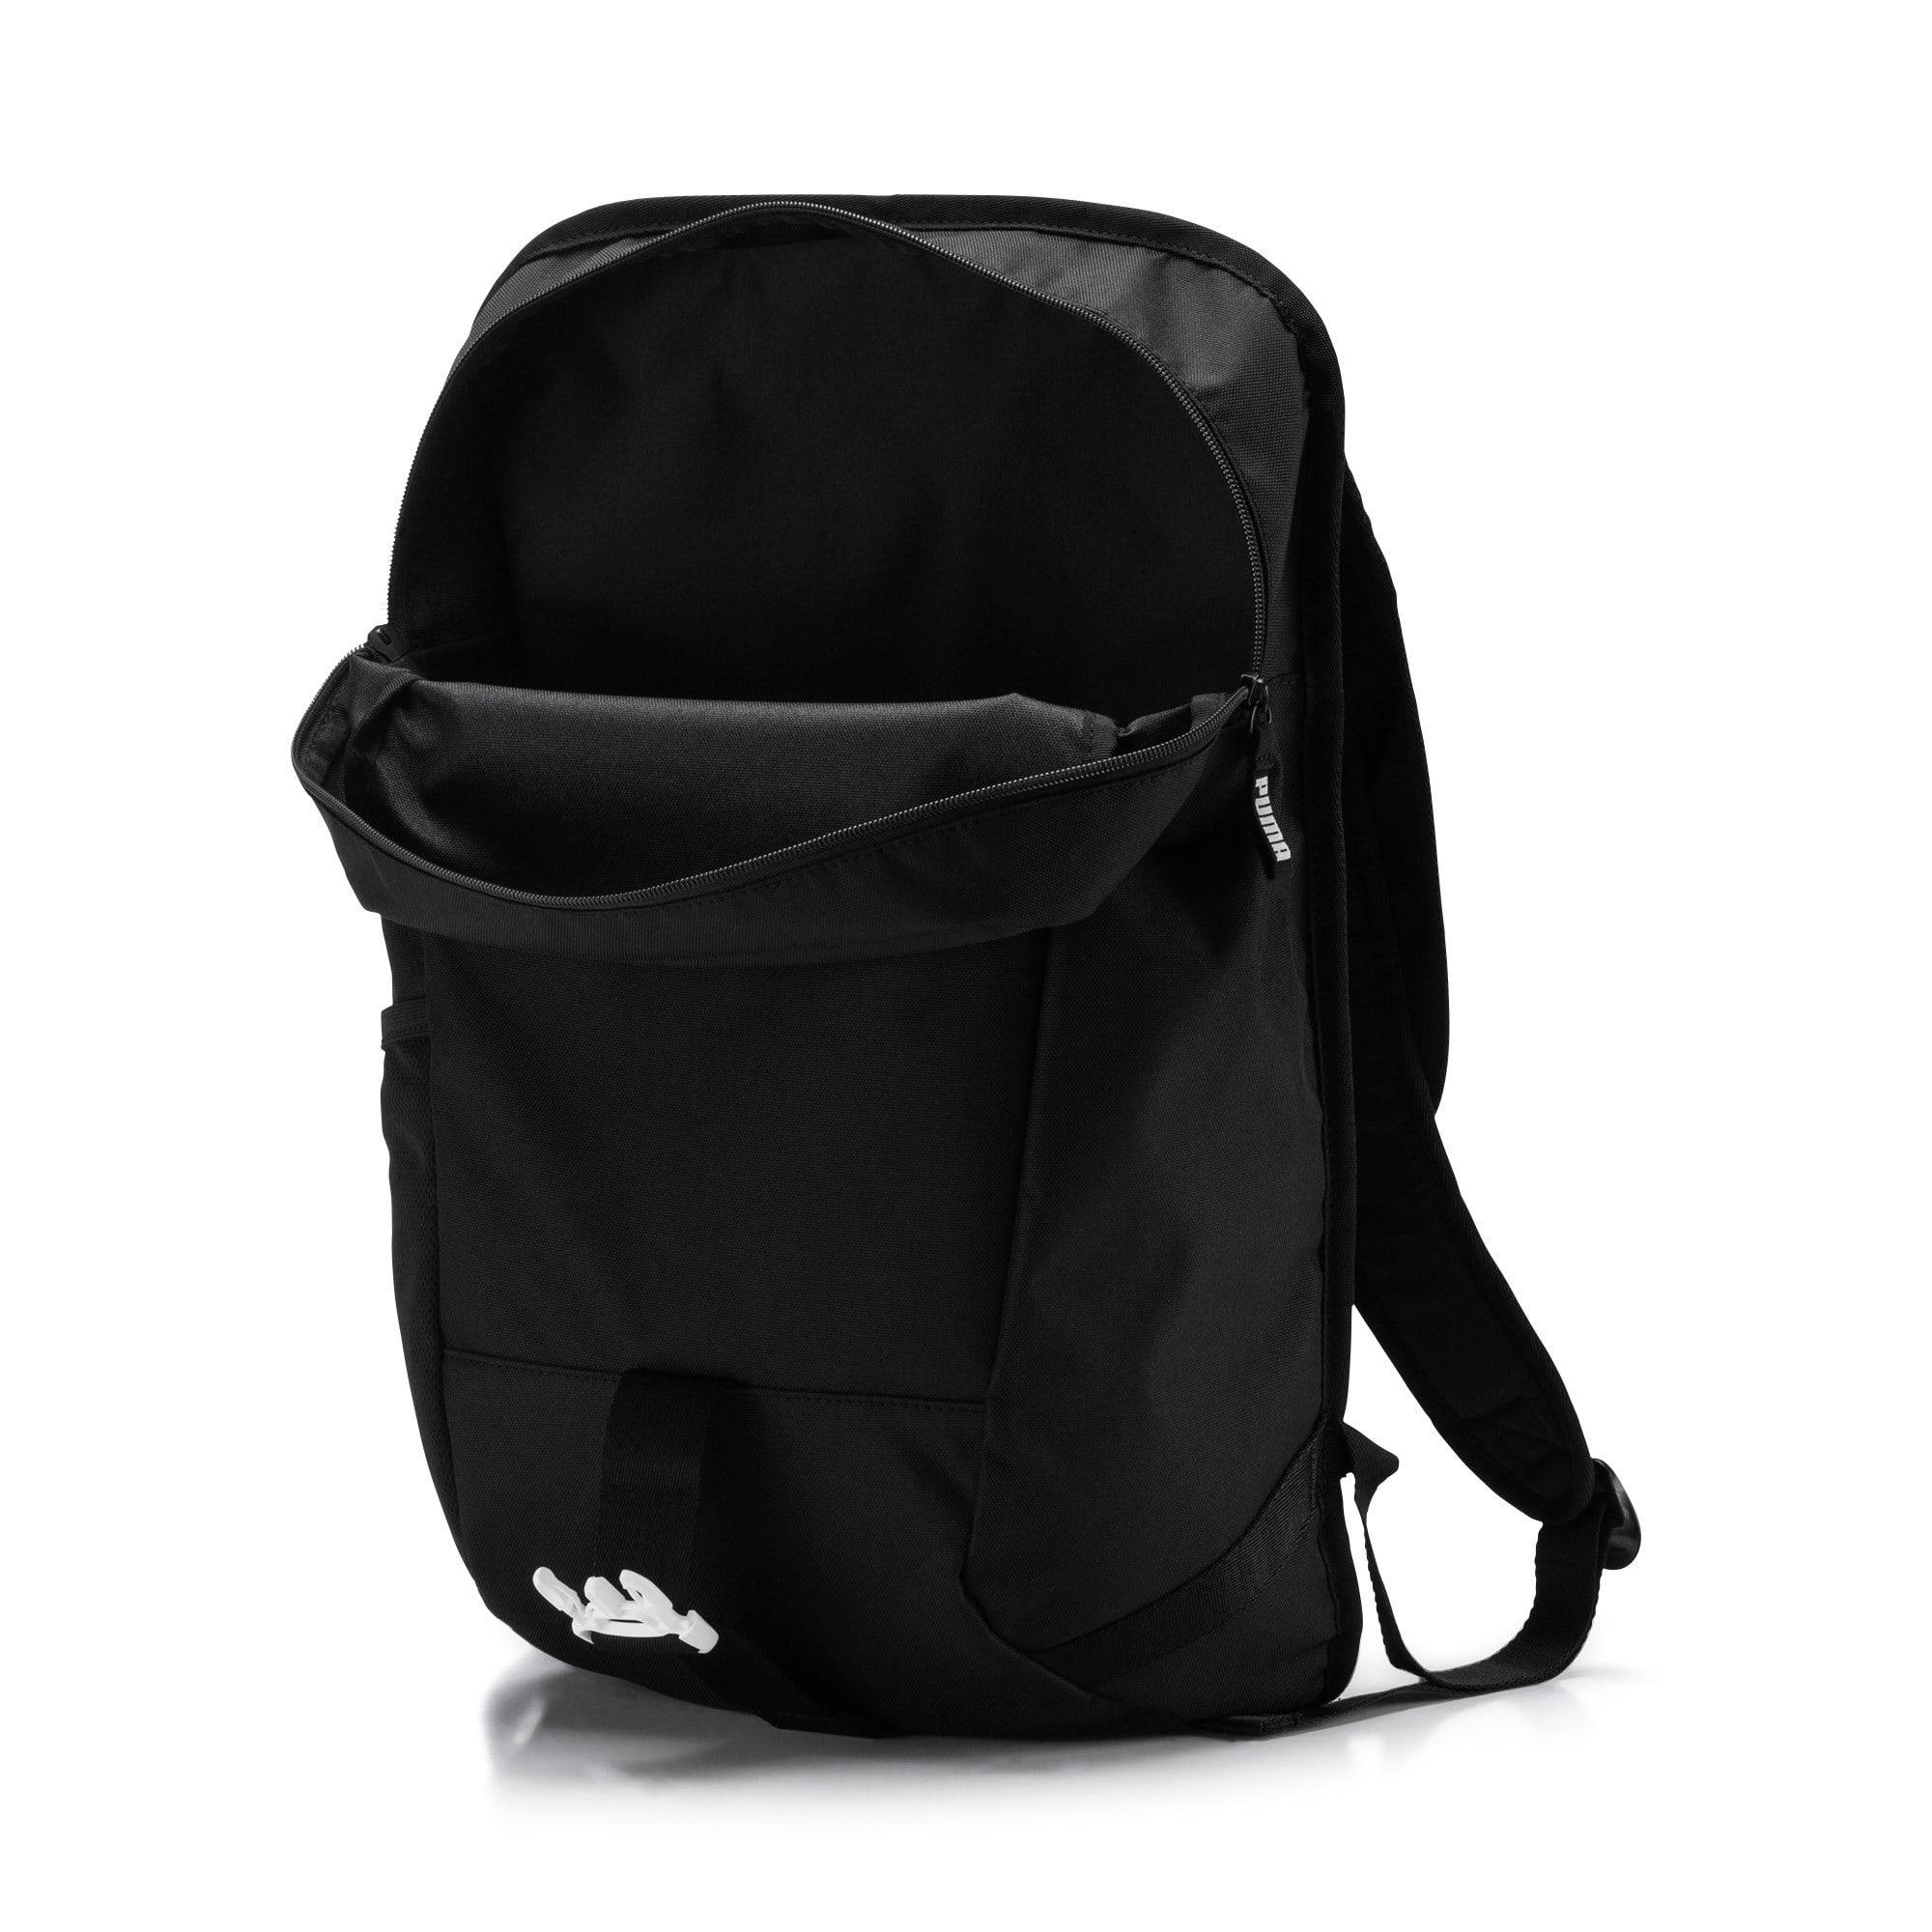 Thumbnail 5 of Scuderia Ferrari Fanwear Backpack, Puma Black, medium